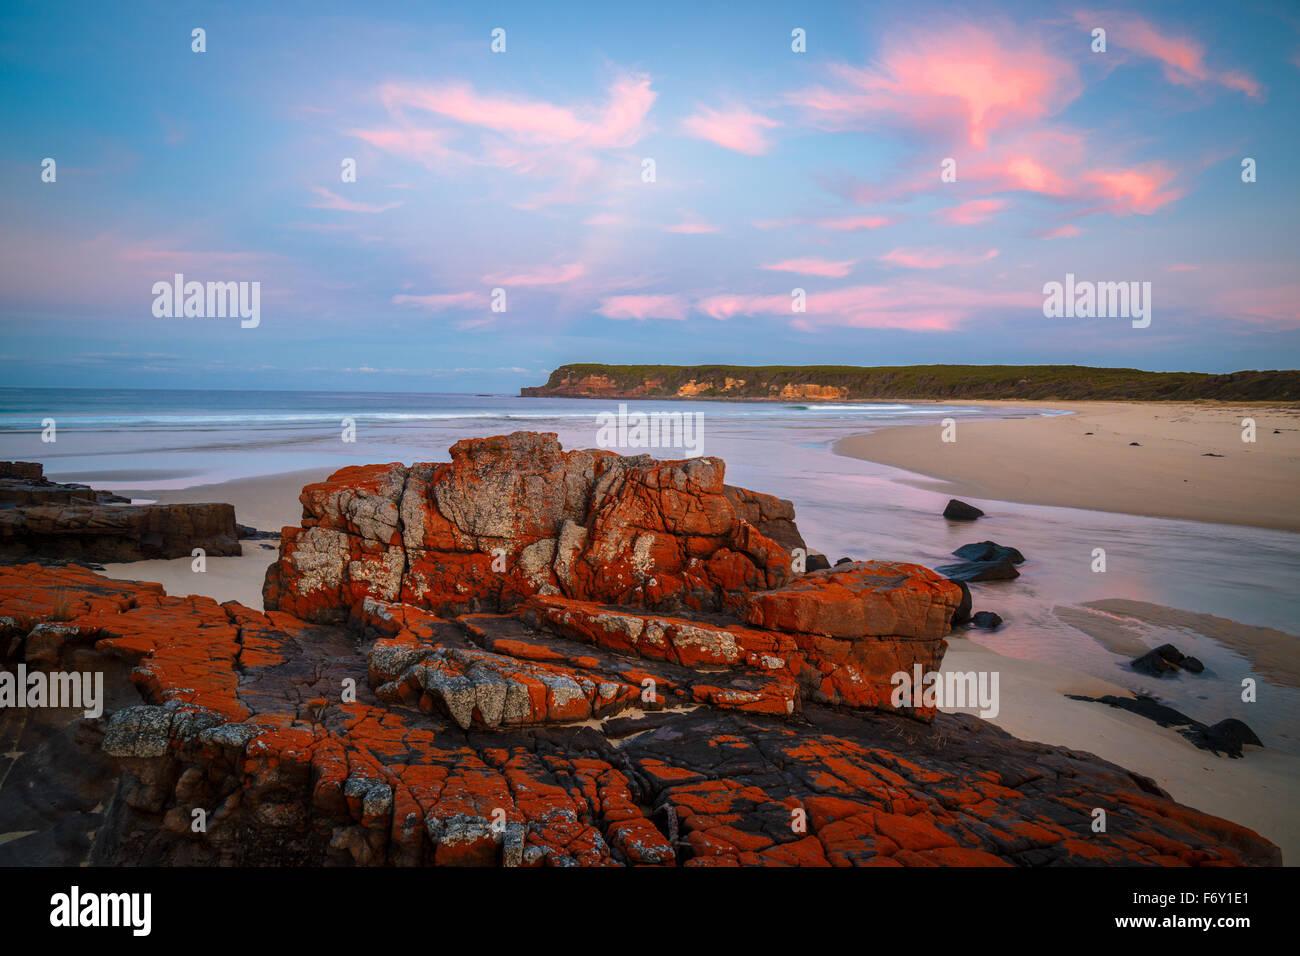 Sonnenuntergang an der wilden Küste Nadgee, NSW Stockbild